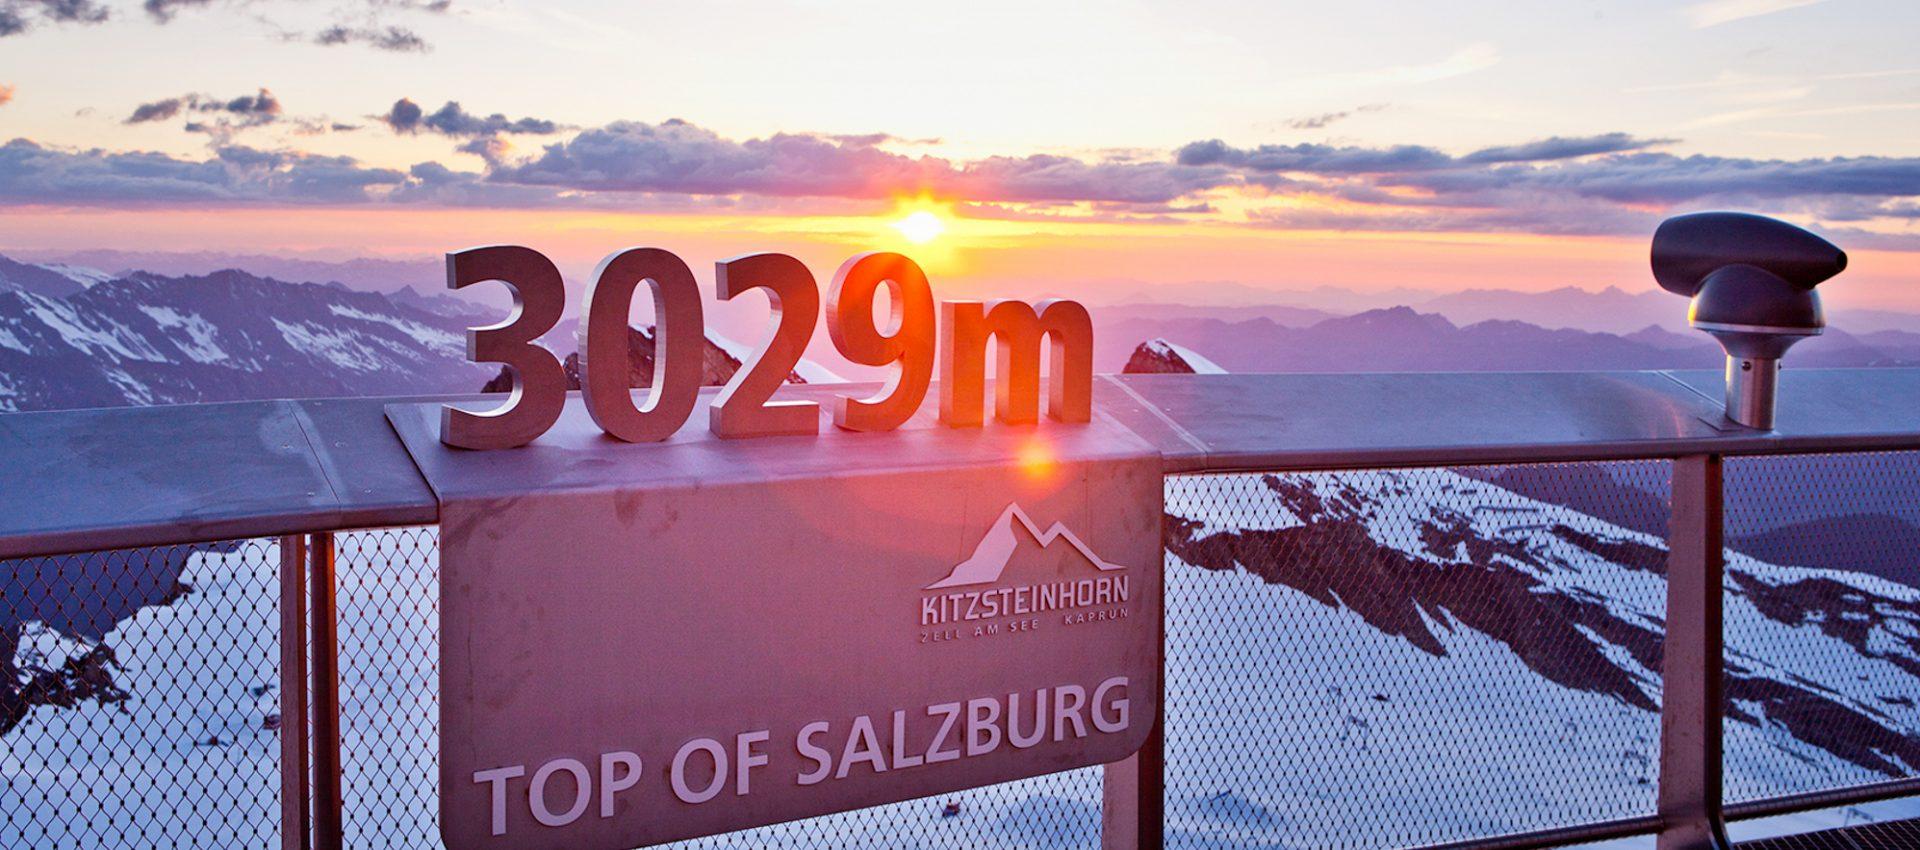 Ausblick vom Kitzsteinhorn mit Sonnenuntergang.